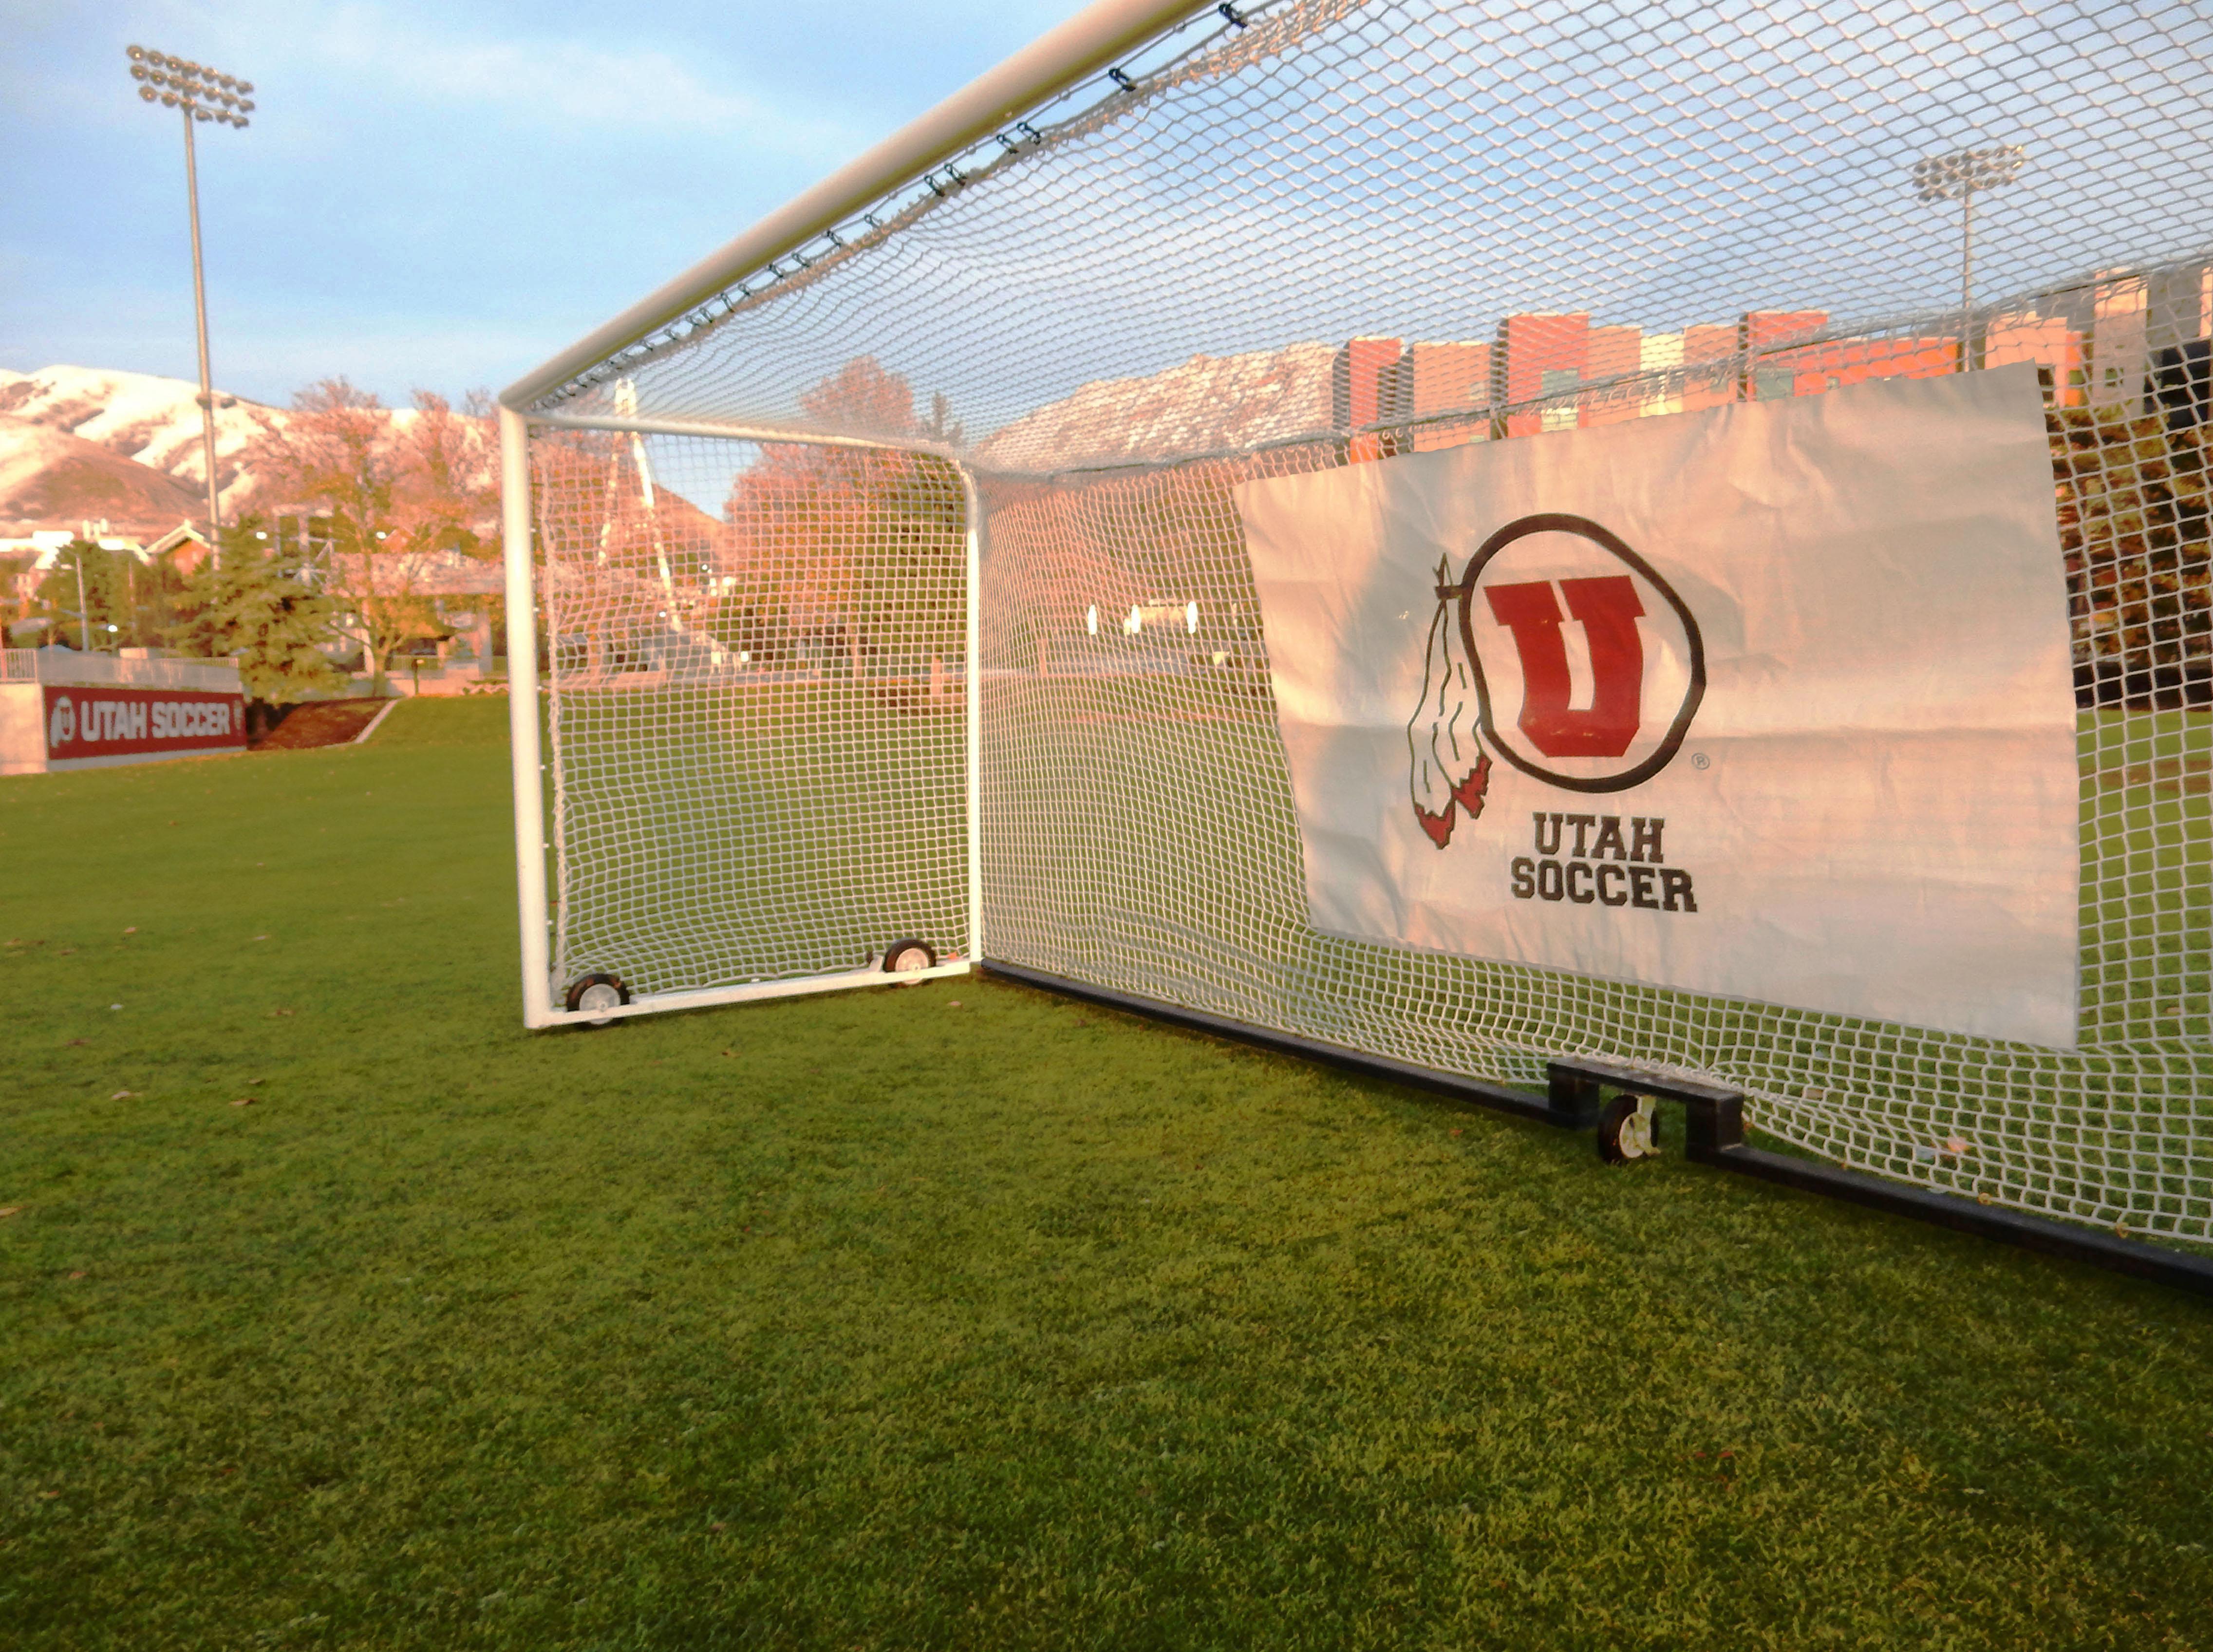 Utah Soccer personalized team logo net.